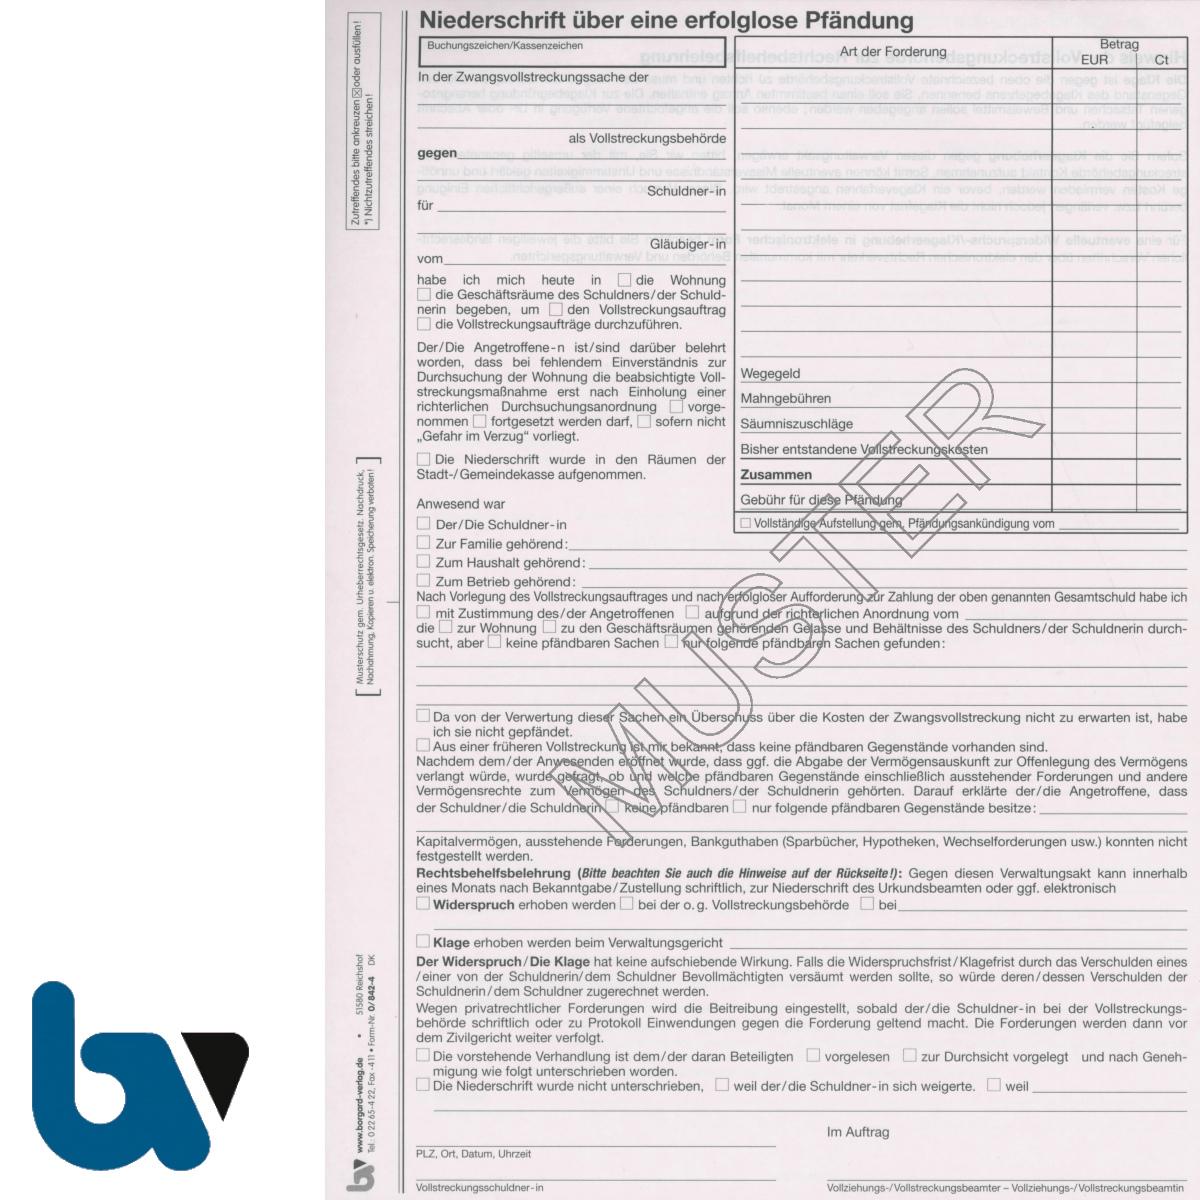 0/842-4 Niederschrift Bericht erfolglos fruchtlos Pfändung Einschlagdeckel Durchschreibeschutz Schreibschutzdeckel perforiert 2 mal 2-fach selbstdurchschreibend DIN A4 Seite 1 | Borgard Verlag GmbH